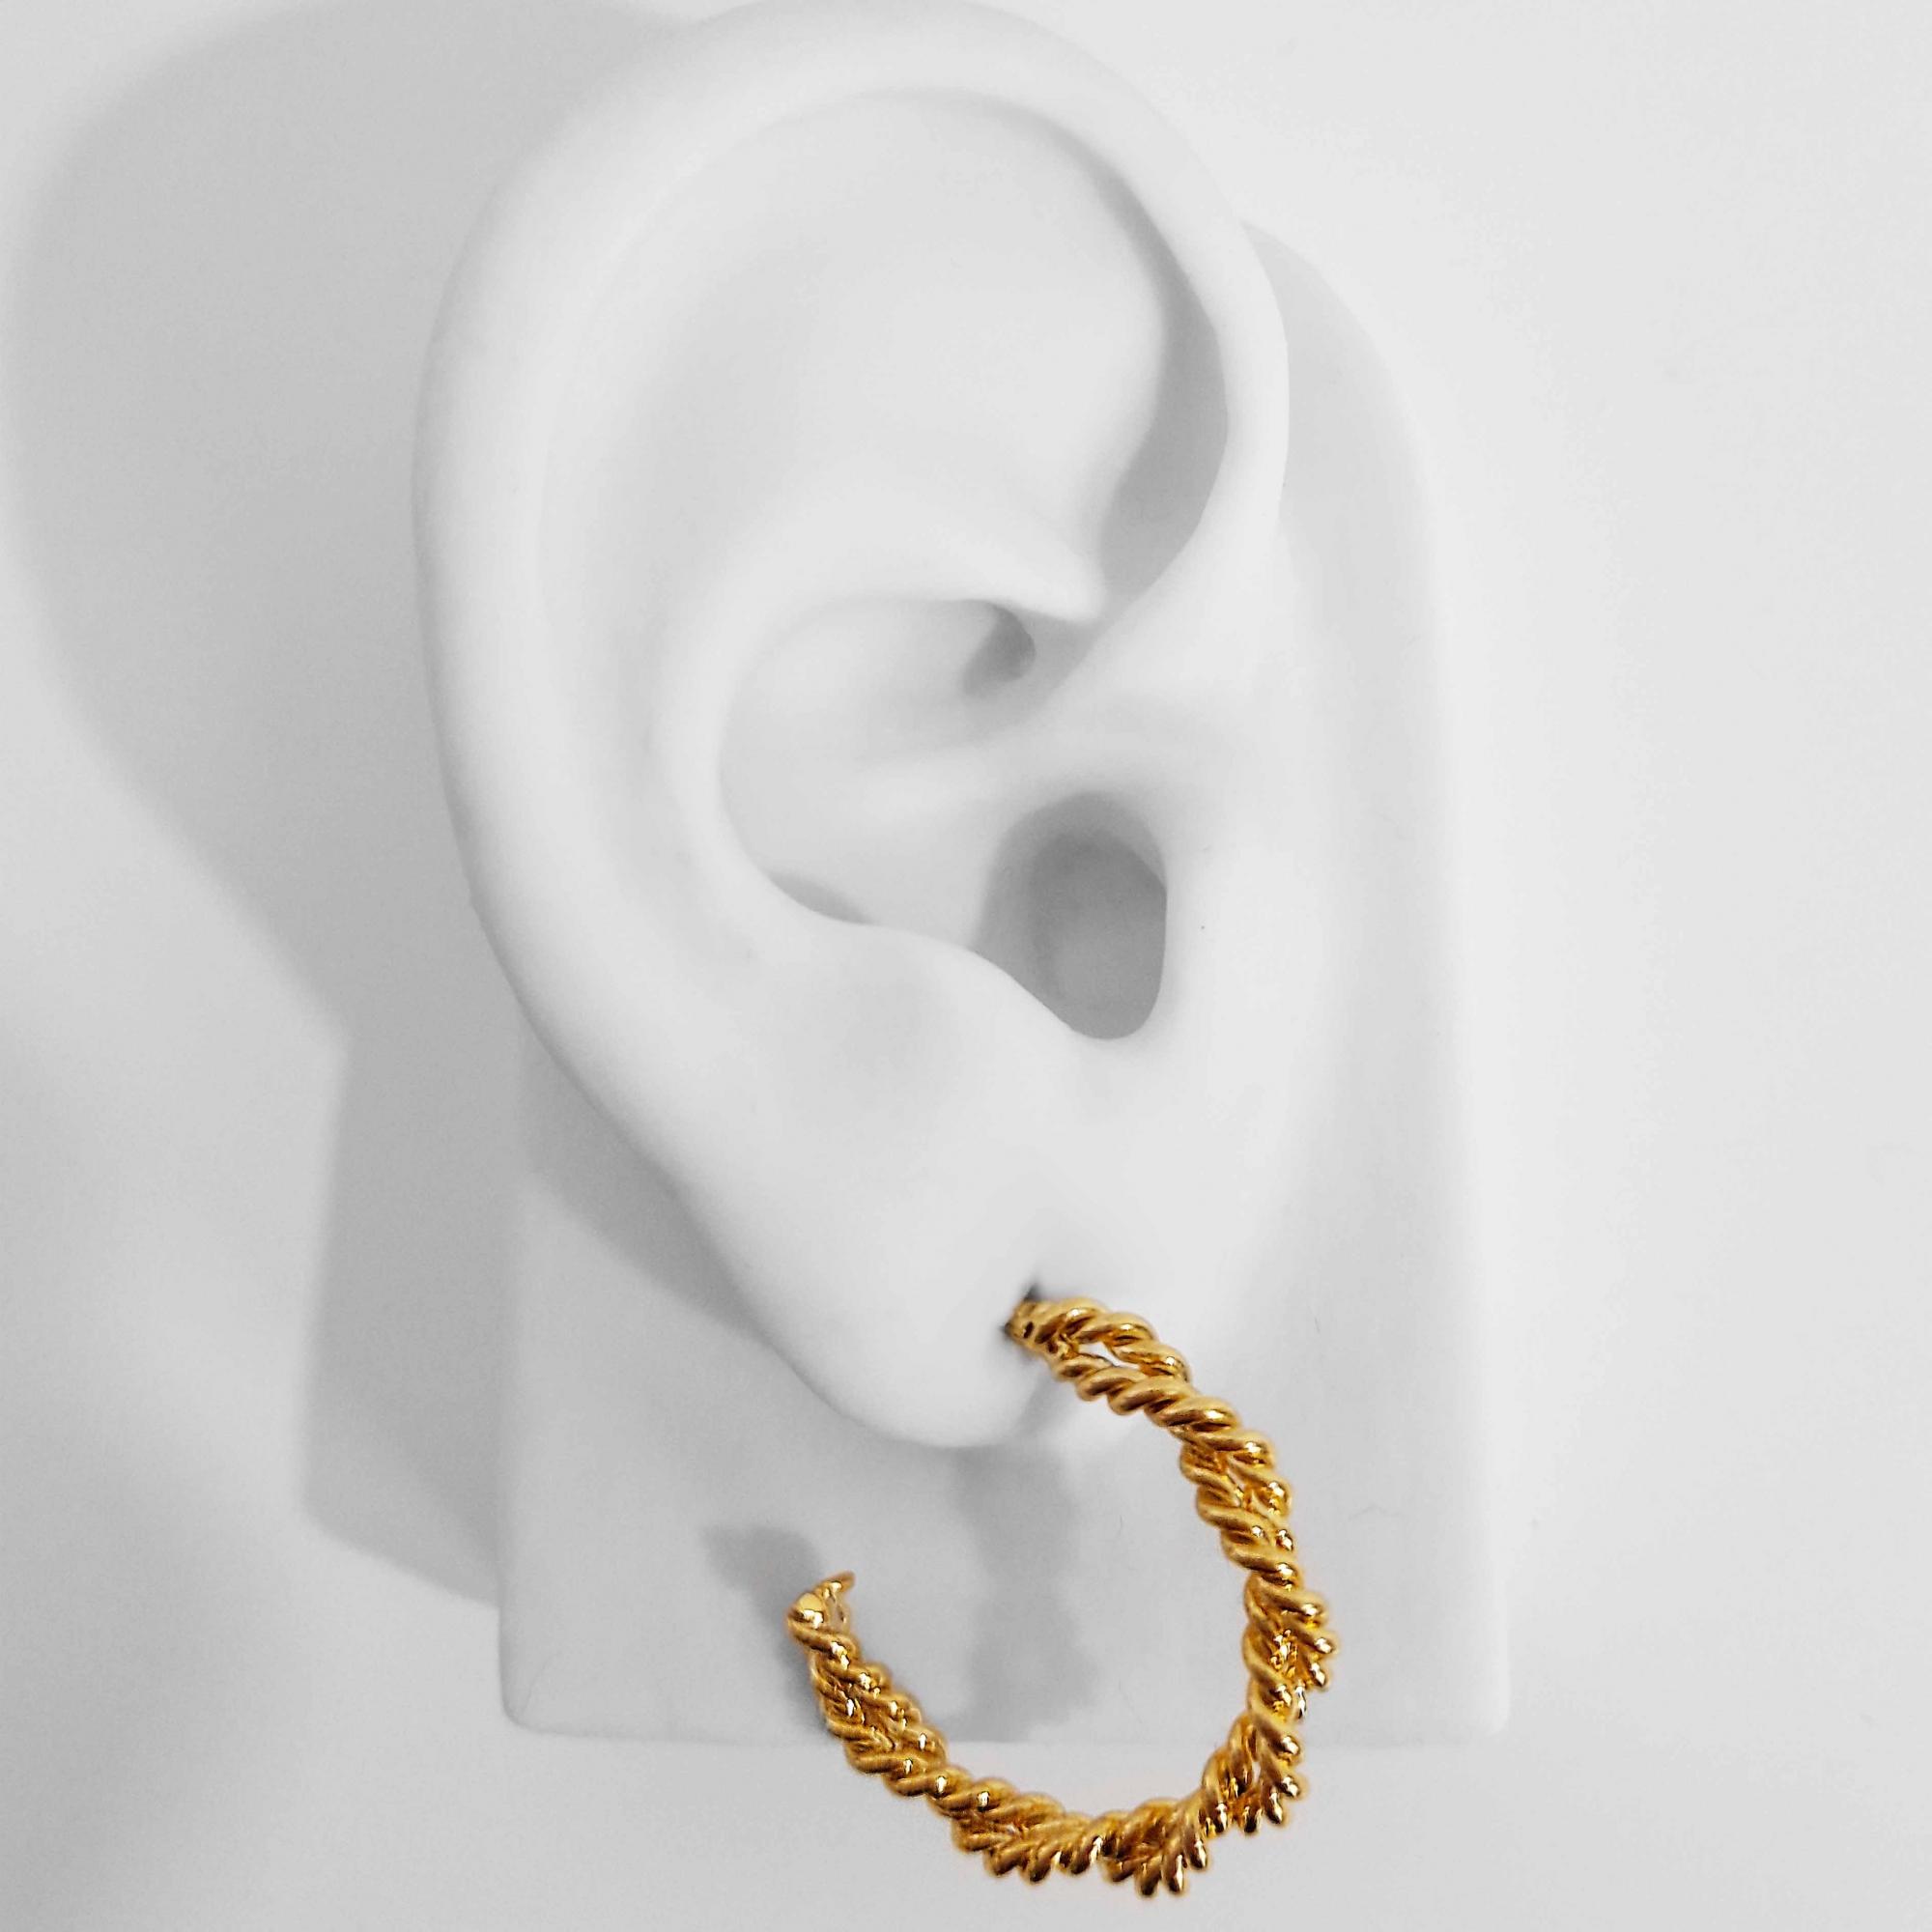 Brinco Argola Média Modelo Corda Trabalhado Folheado Ouro 18K  - Lunozê Joias